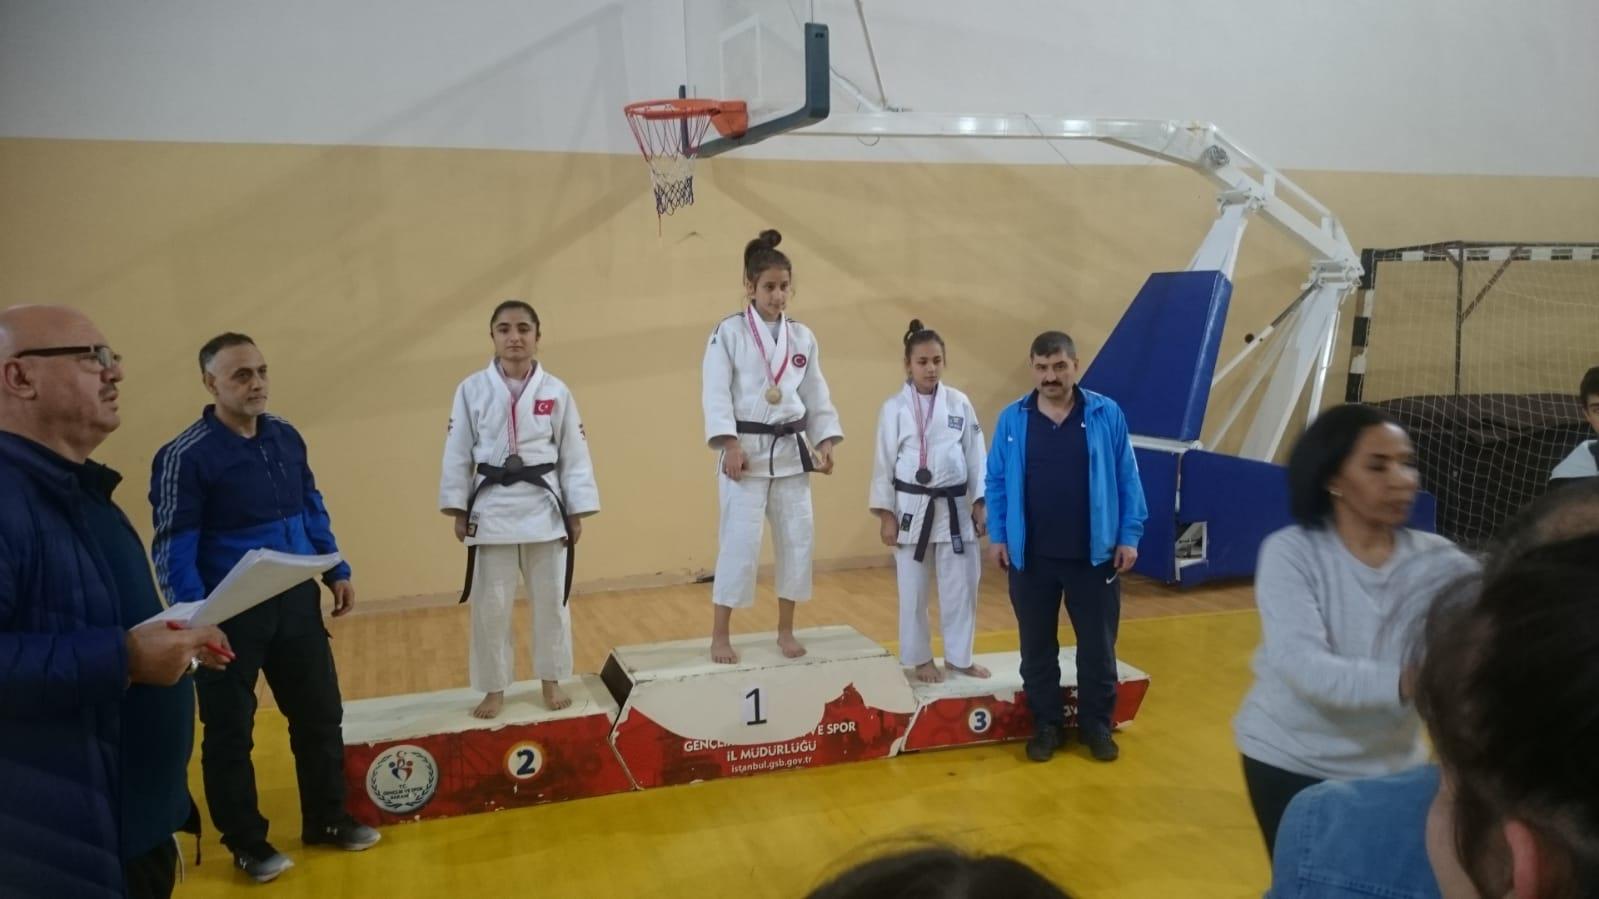 Judo Sporcularımız Yıldızlar Judo İl Seçmesinde - HABERLER - MAVİ HALİÇ Gençlik ve Spor Kulübü Derneği | Mavi Haliç